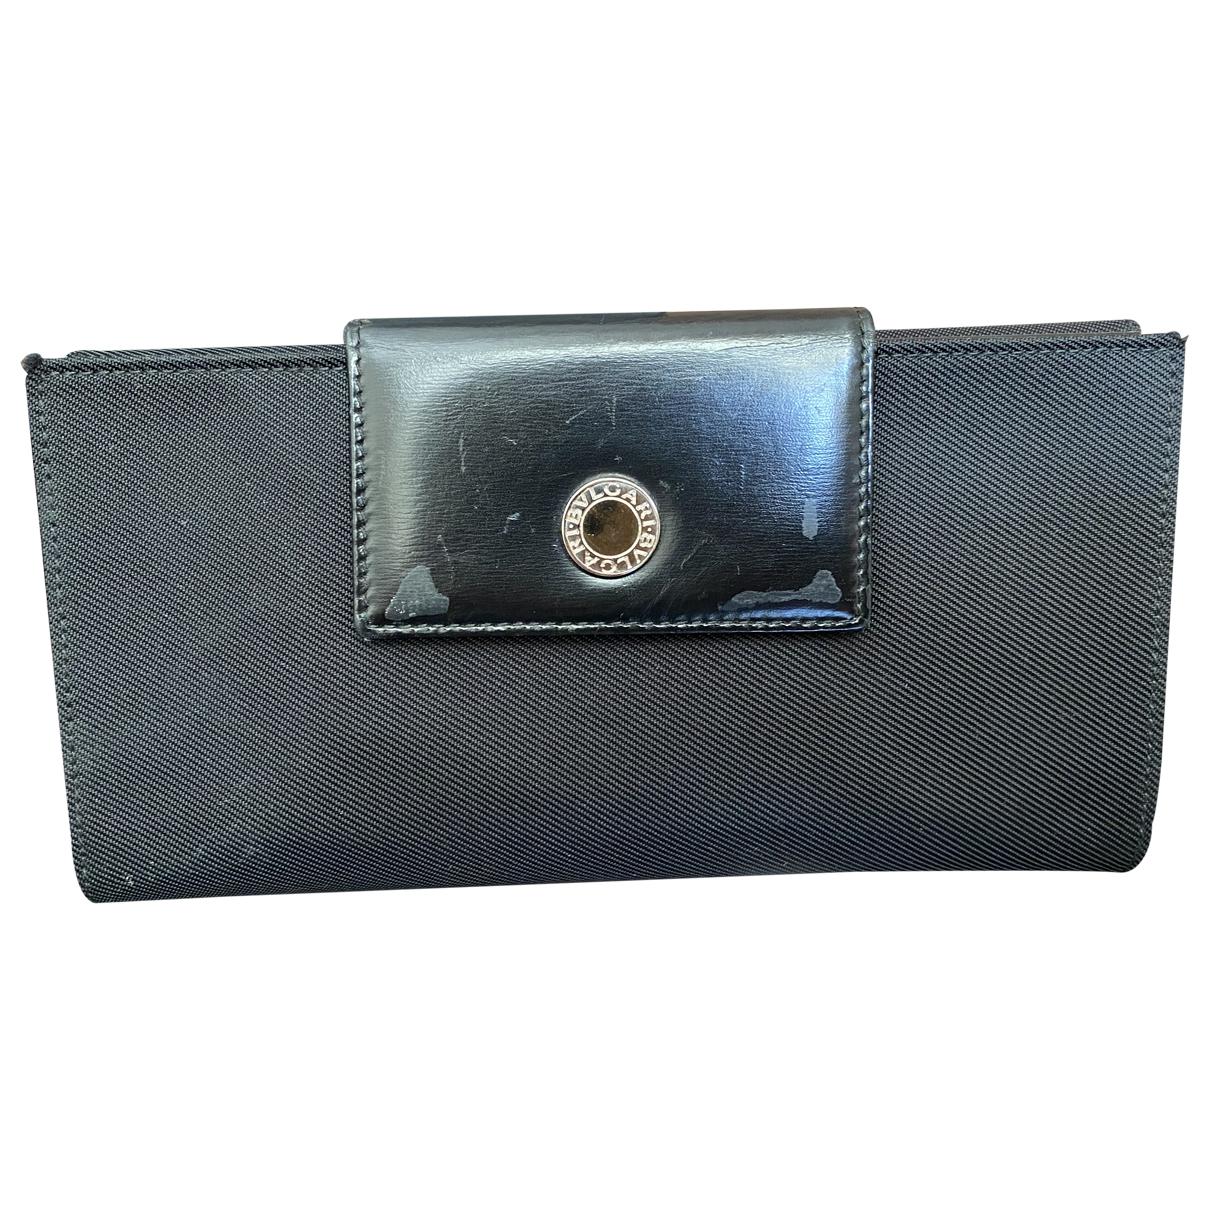 Bvlgari - Portefeuille   pour femme en toile - noir